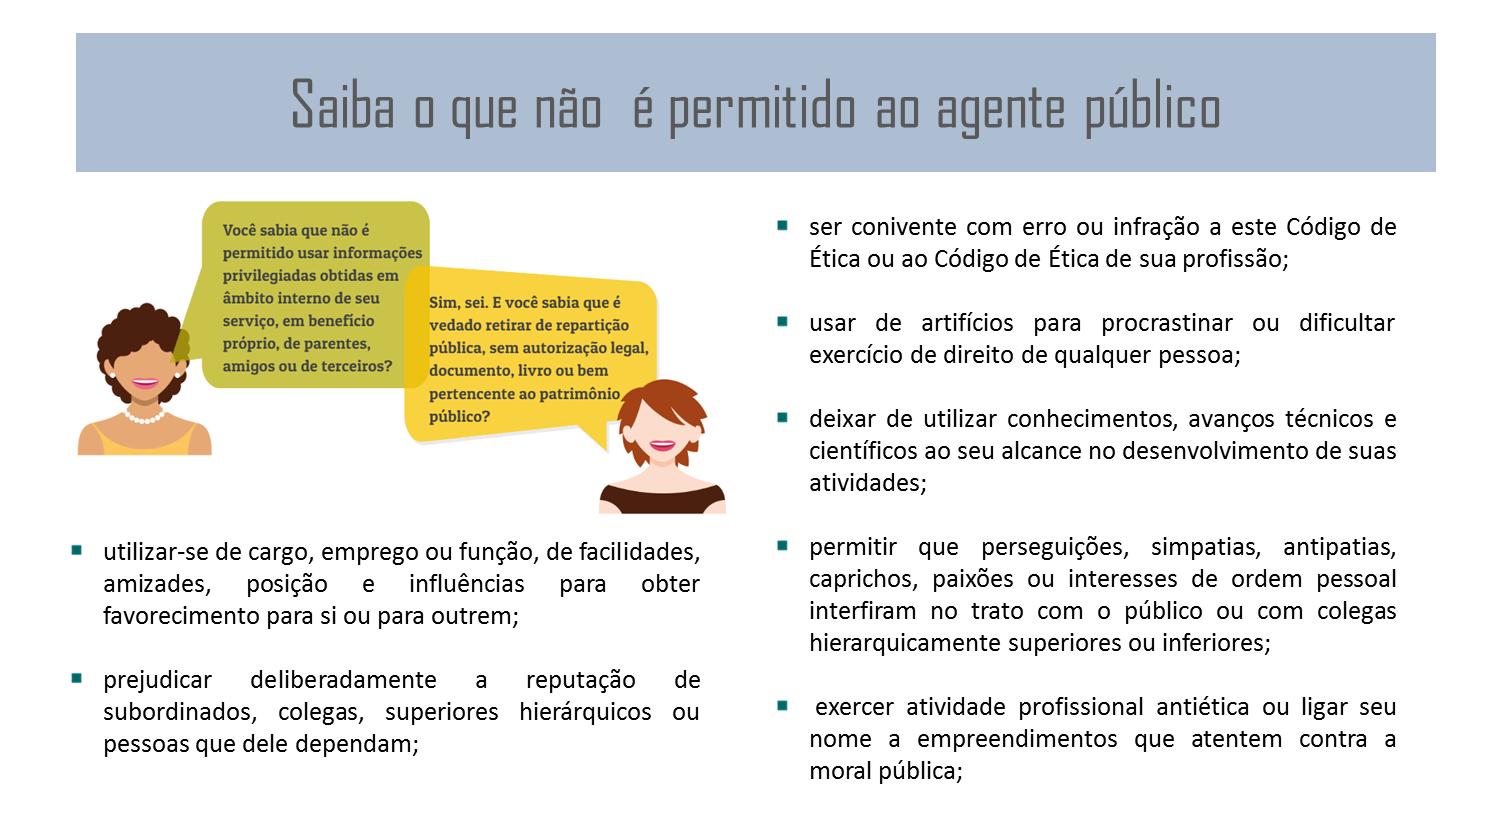 Saiba o que não  é permitido ao agente público